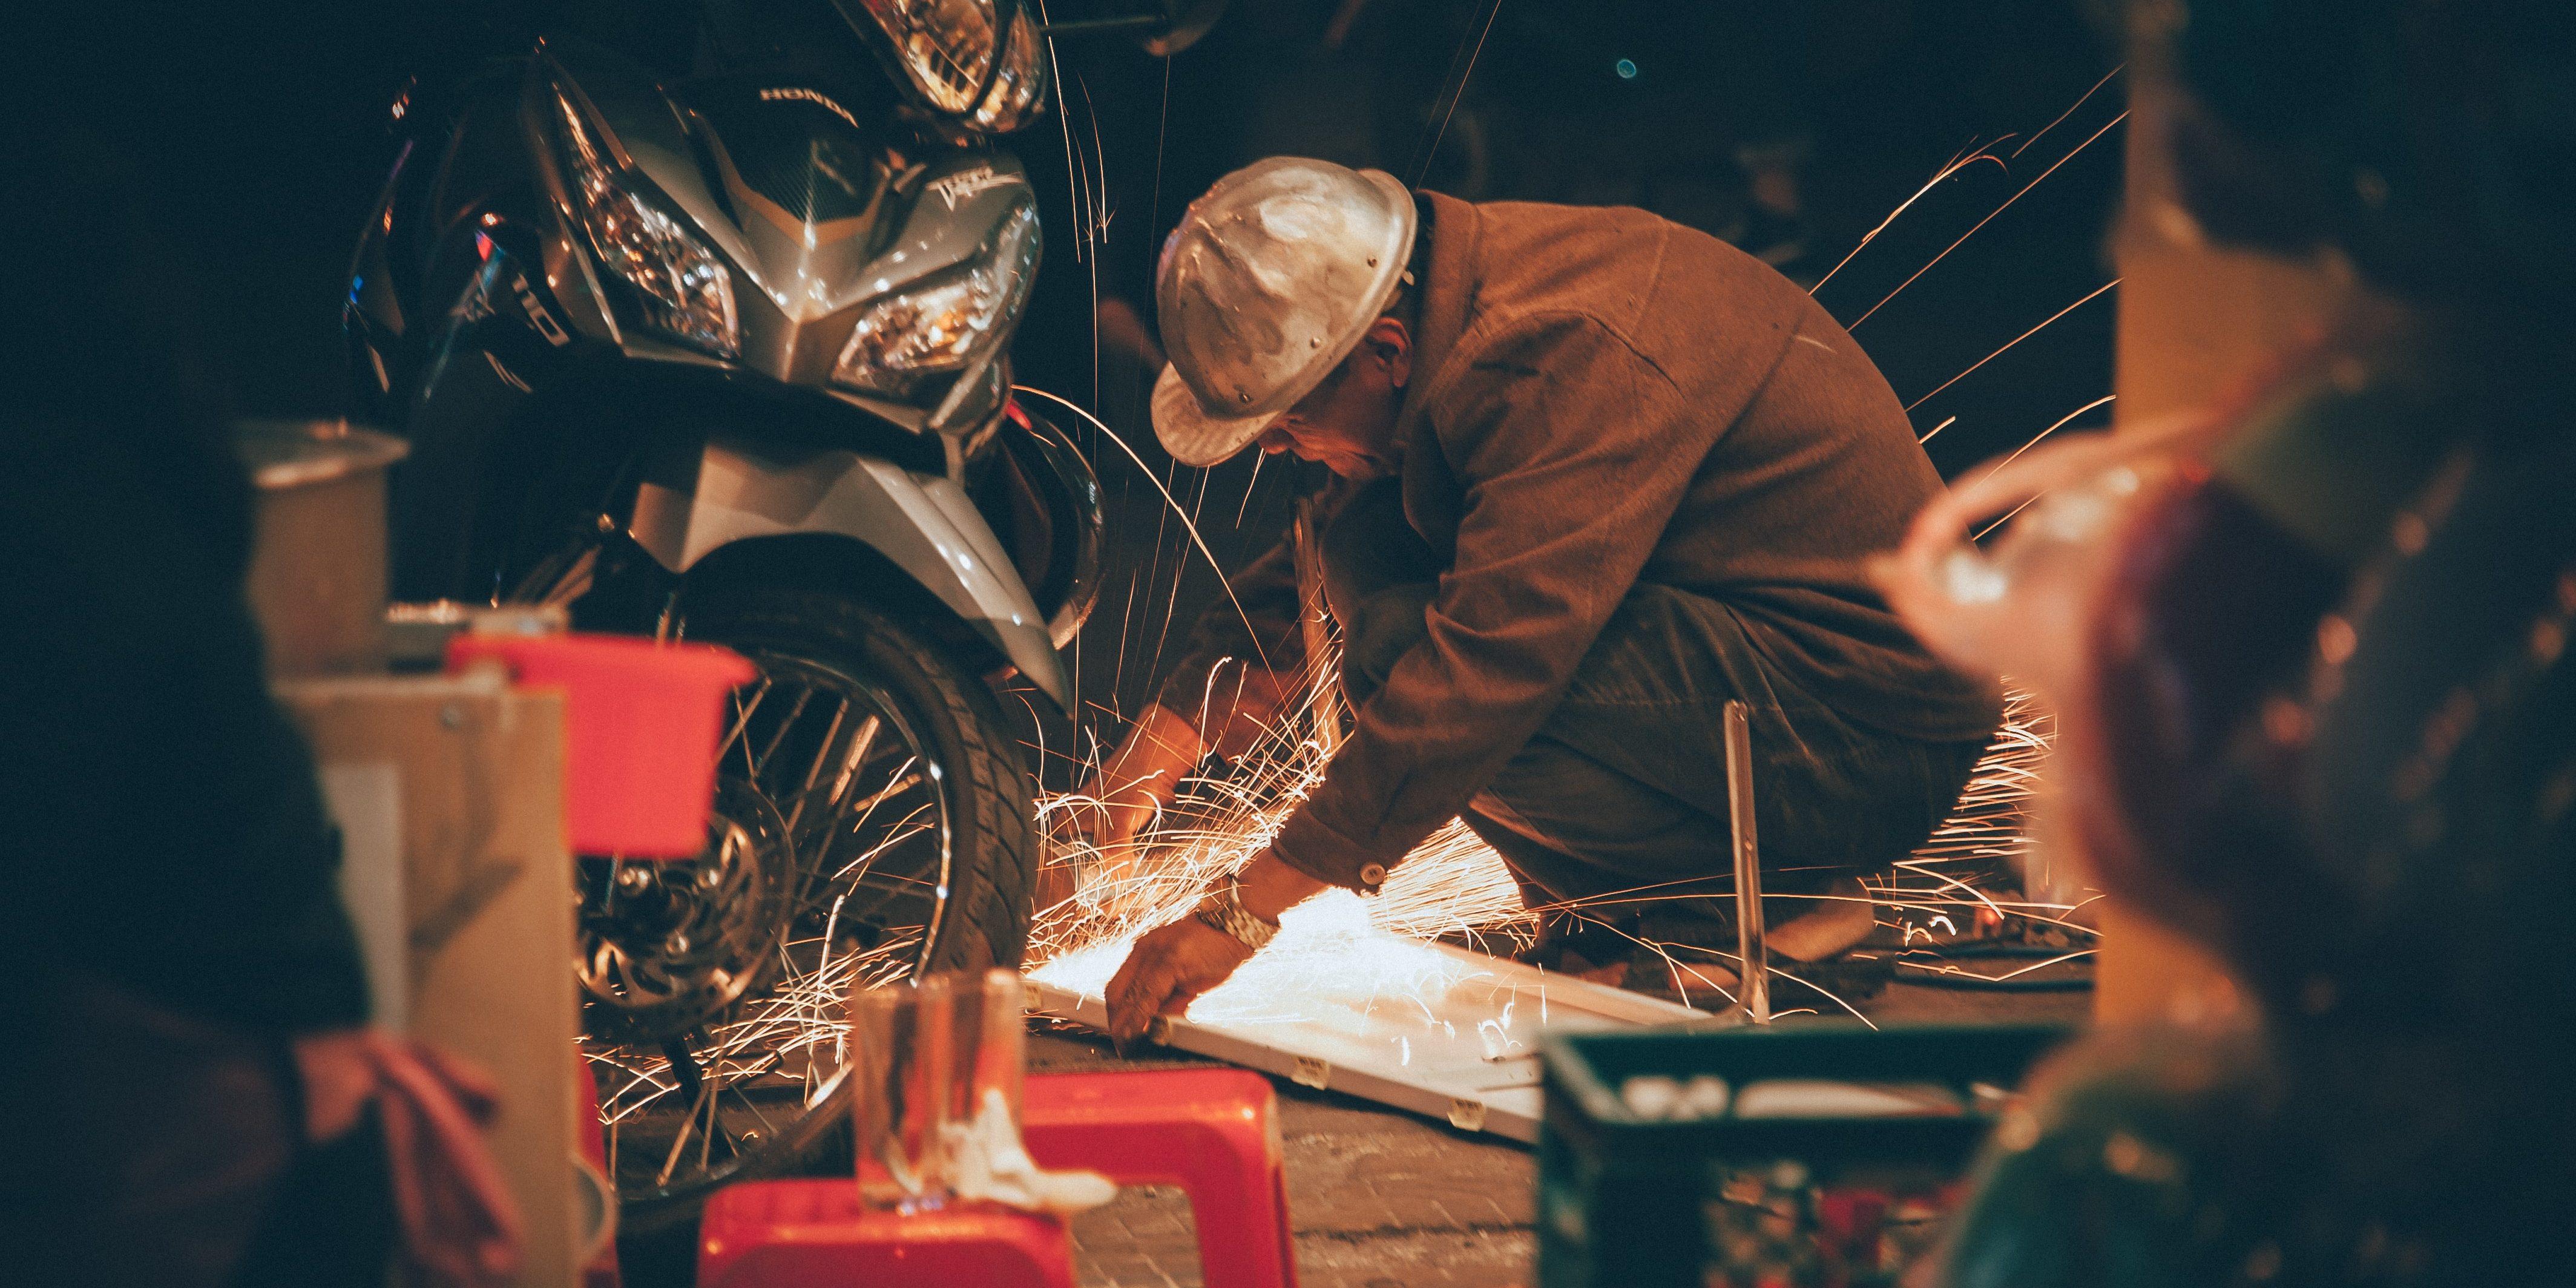 motorcycle welder